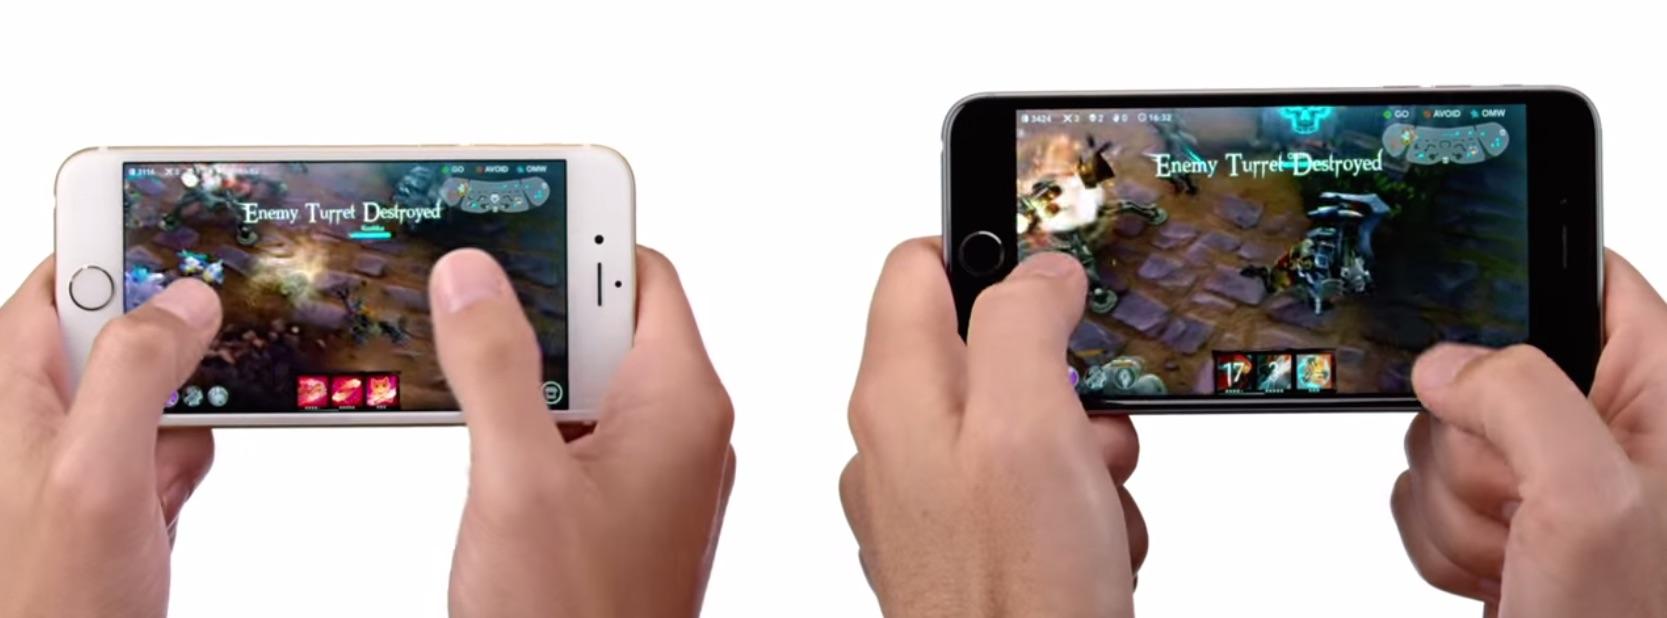 deux nouvelles pub iPhone 6 jeux video et continuite Nouvelles pubs iPhone 6: Jeu vidéo et Continuité à lhonneur